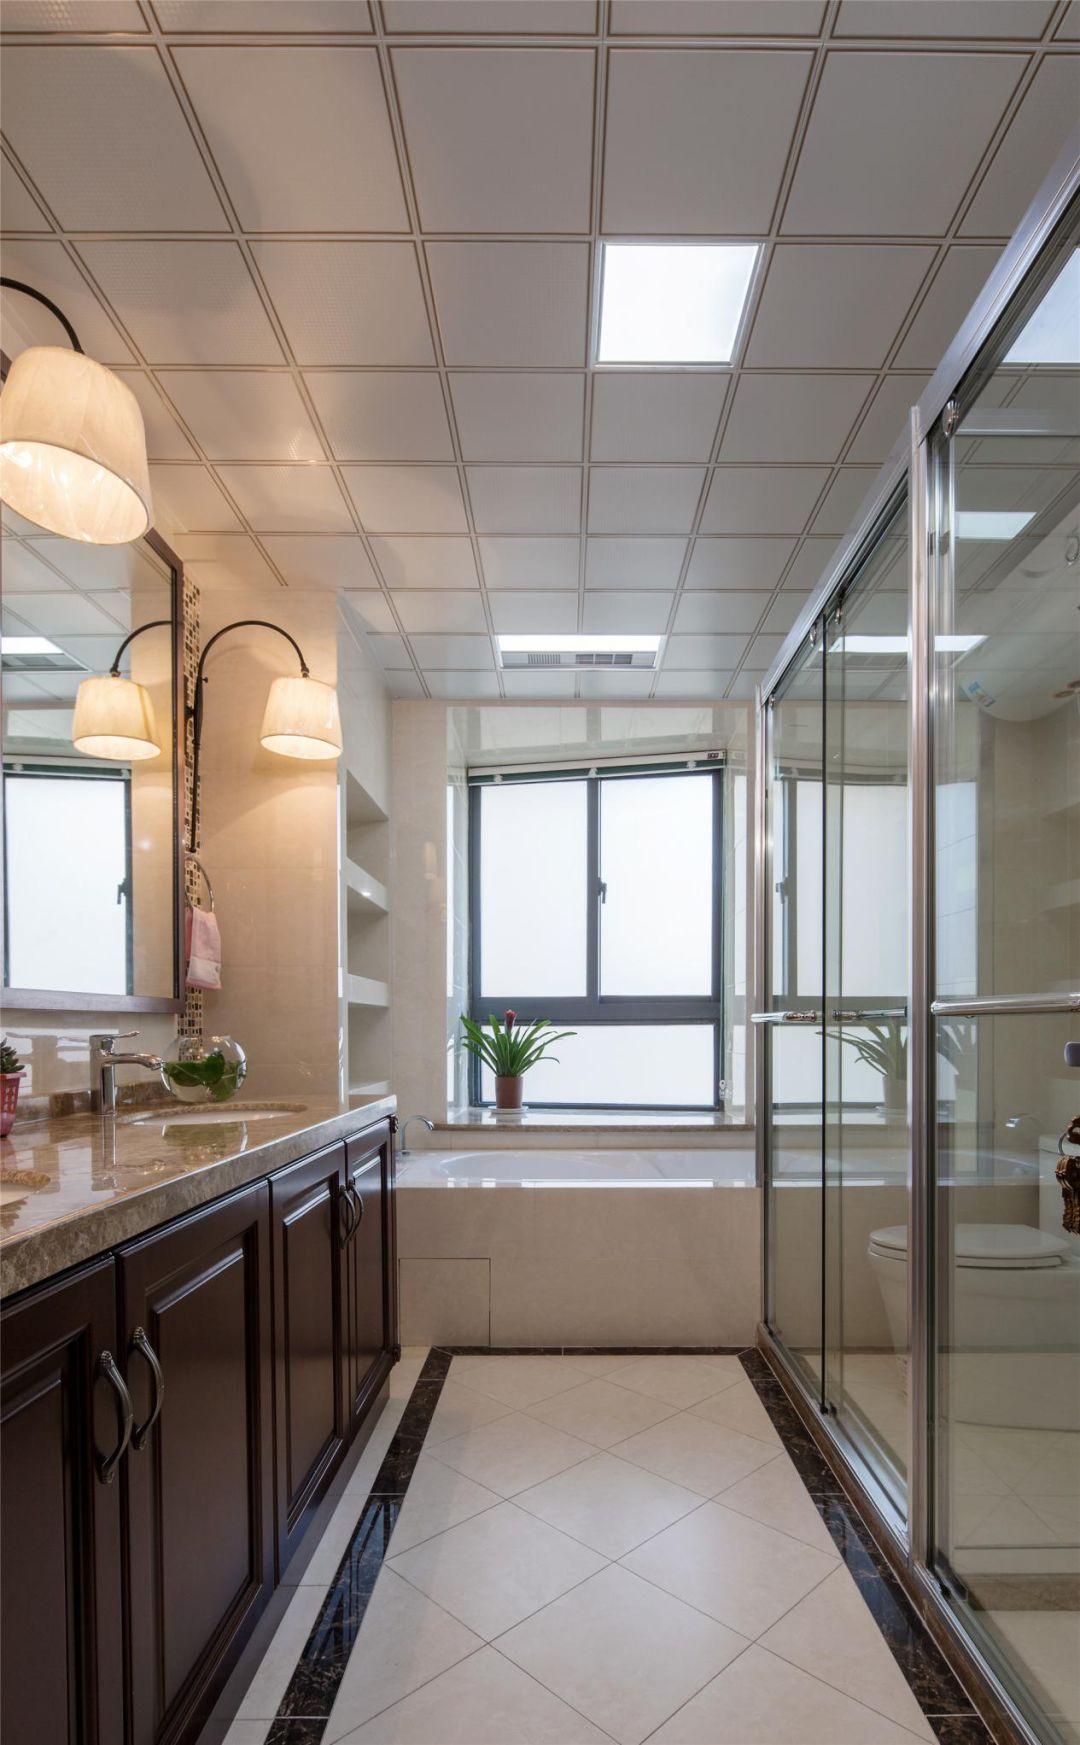 卫生间橱柜与厨房一体,整体和谐自然;干湿分离设计,干净利落。